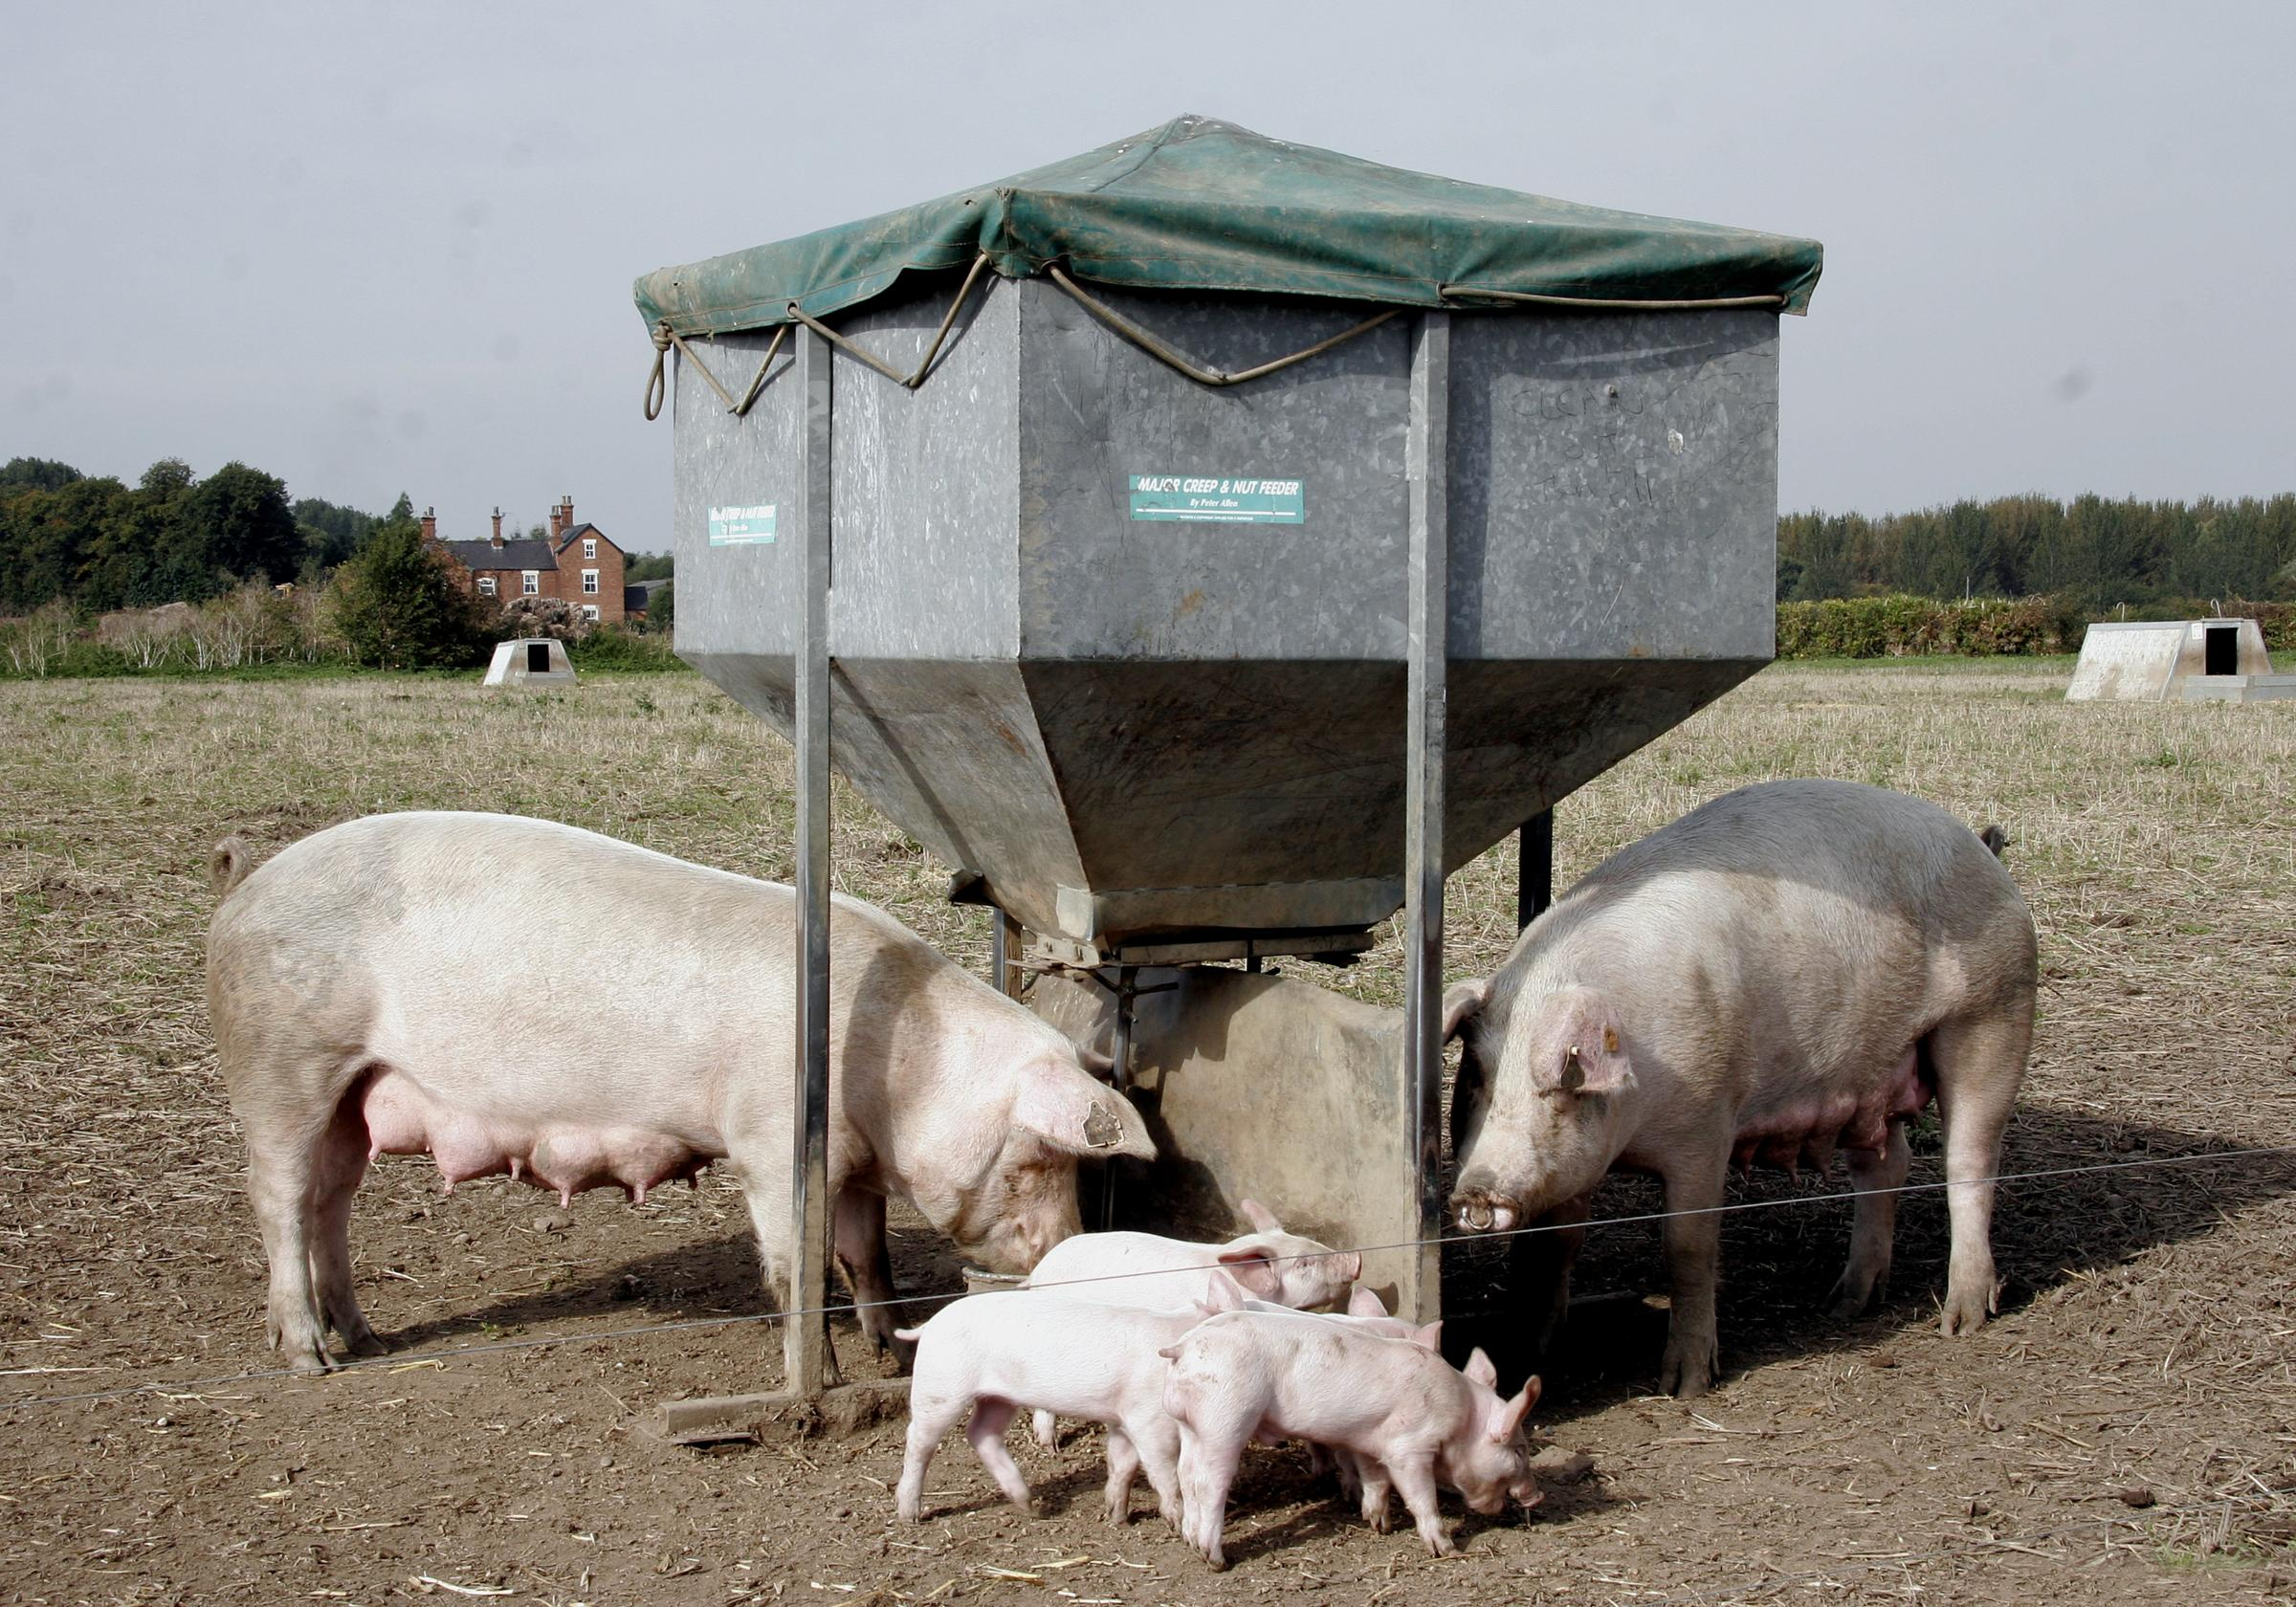 nedap centre tag page prairie swine each feeder pig